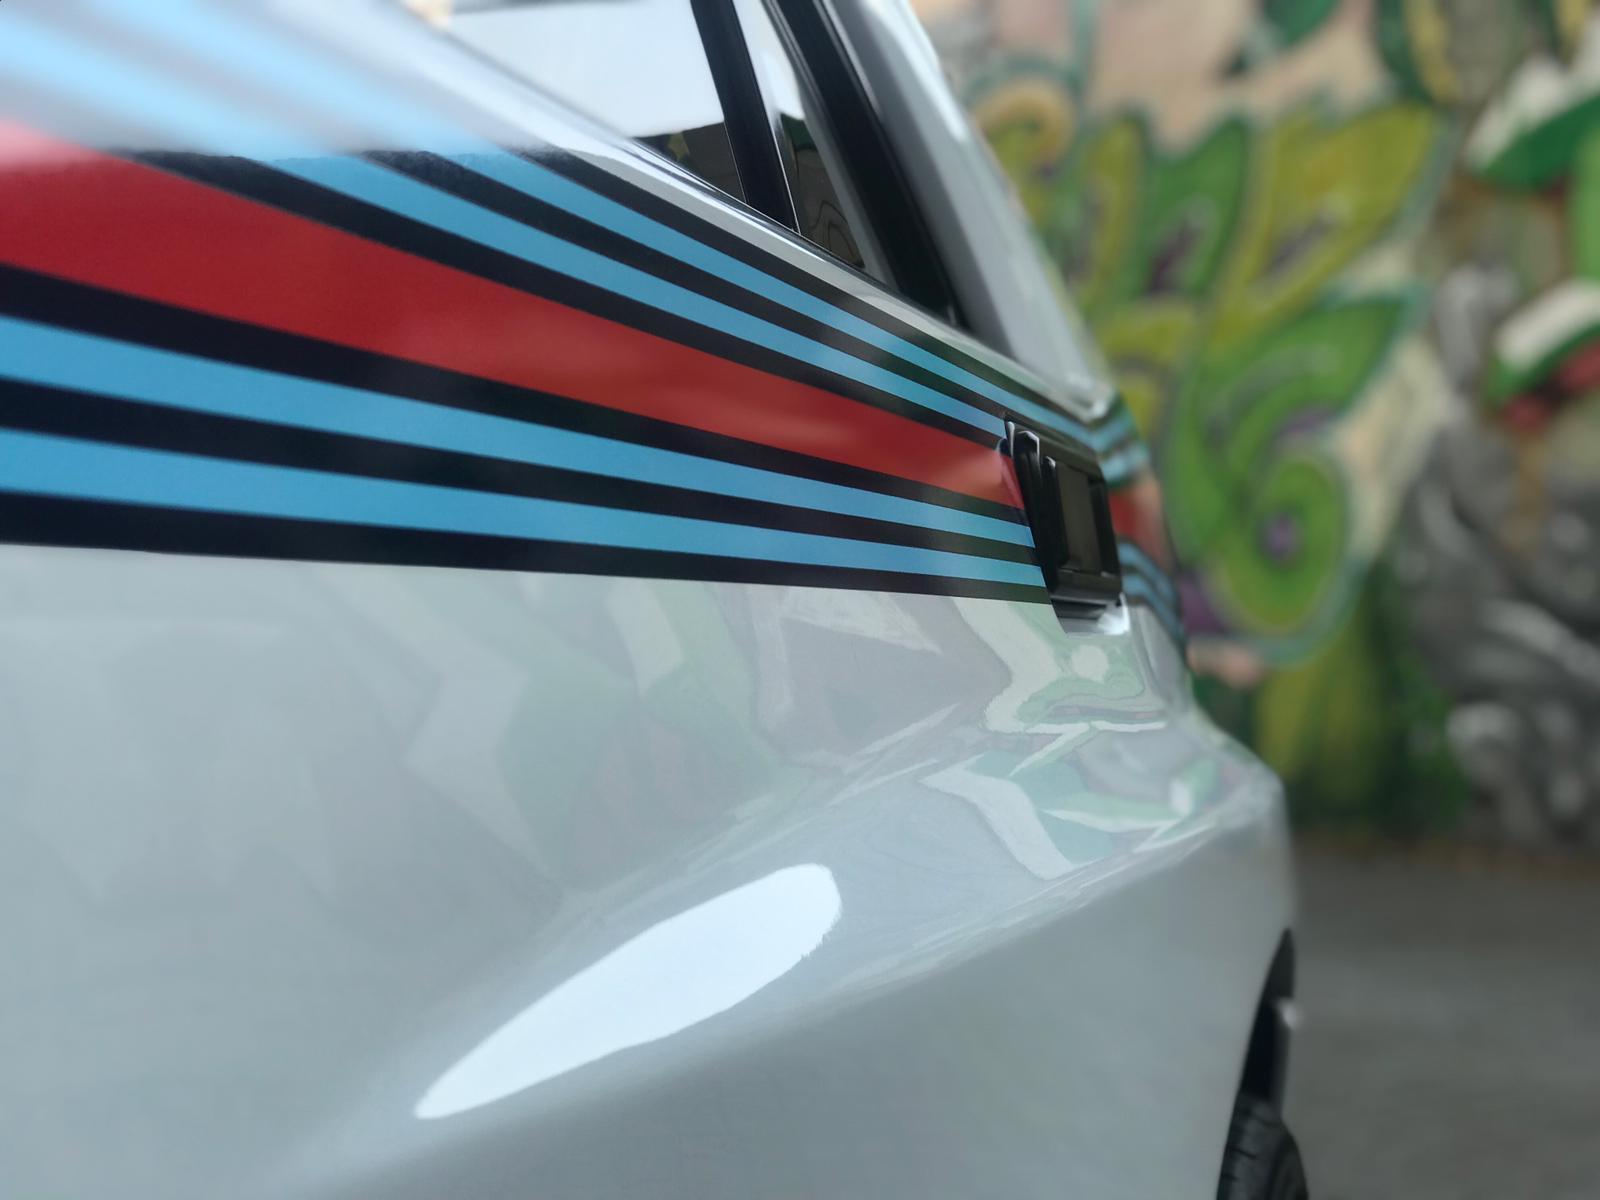 Lancia_Delta_Integrale_Martini_5_Evoluzione_sale_0018